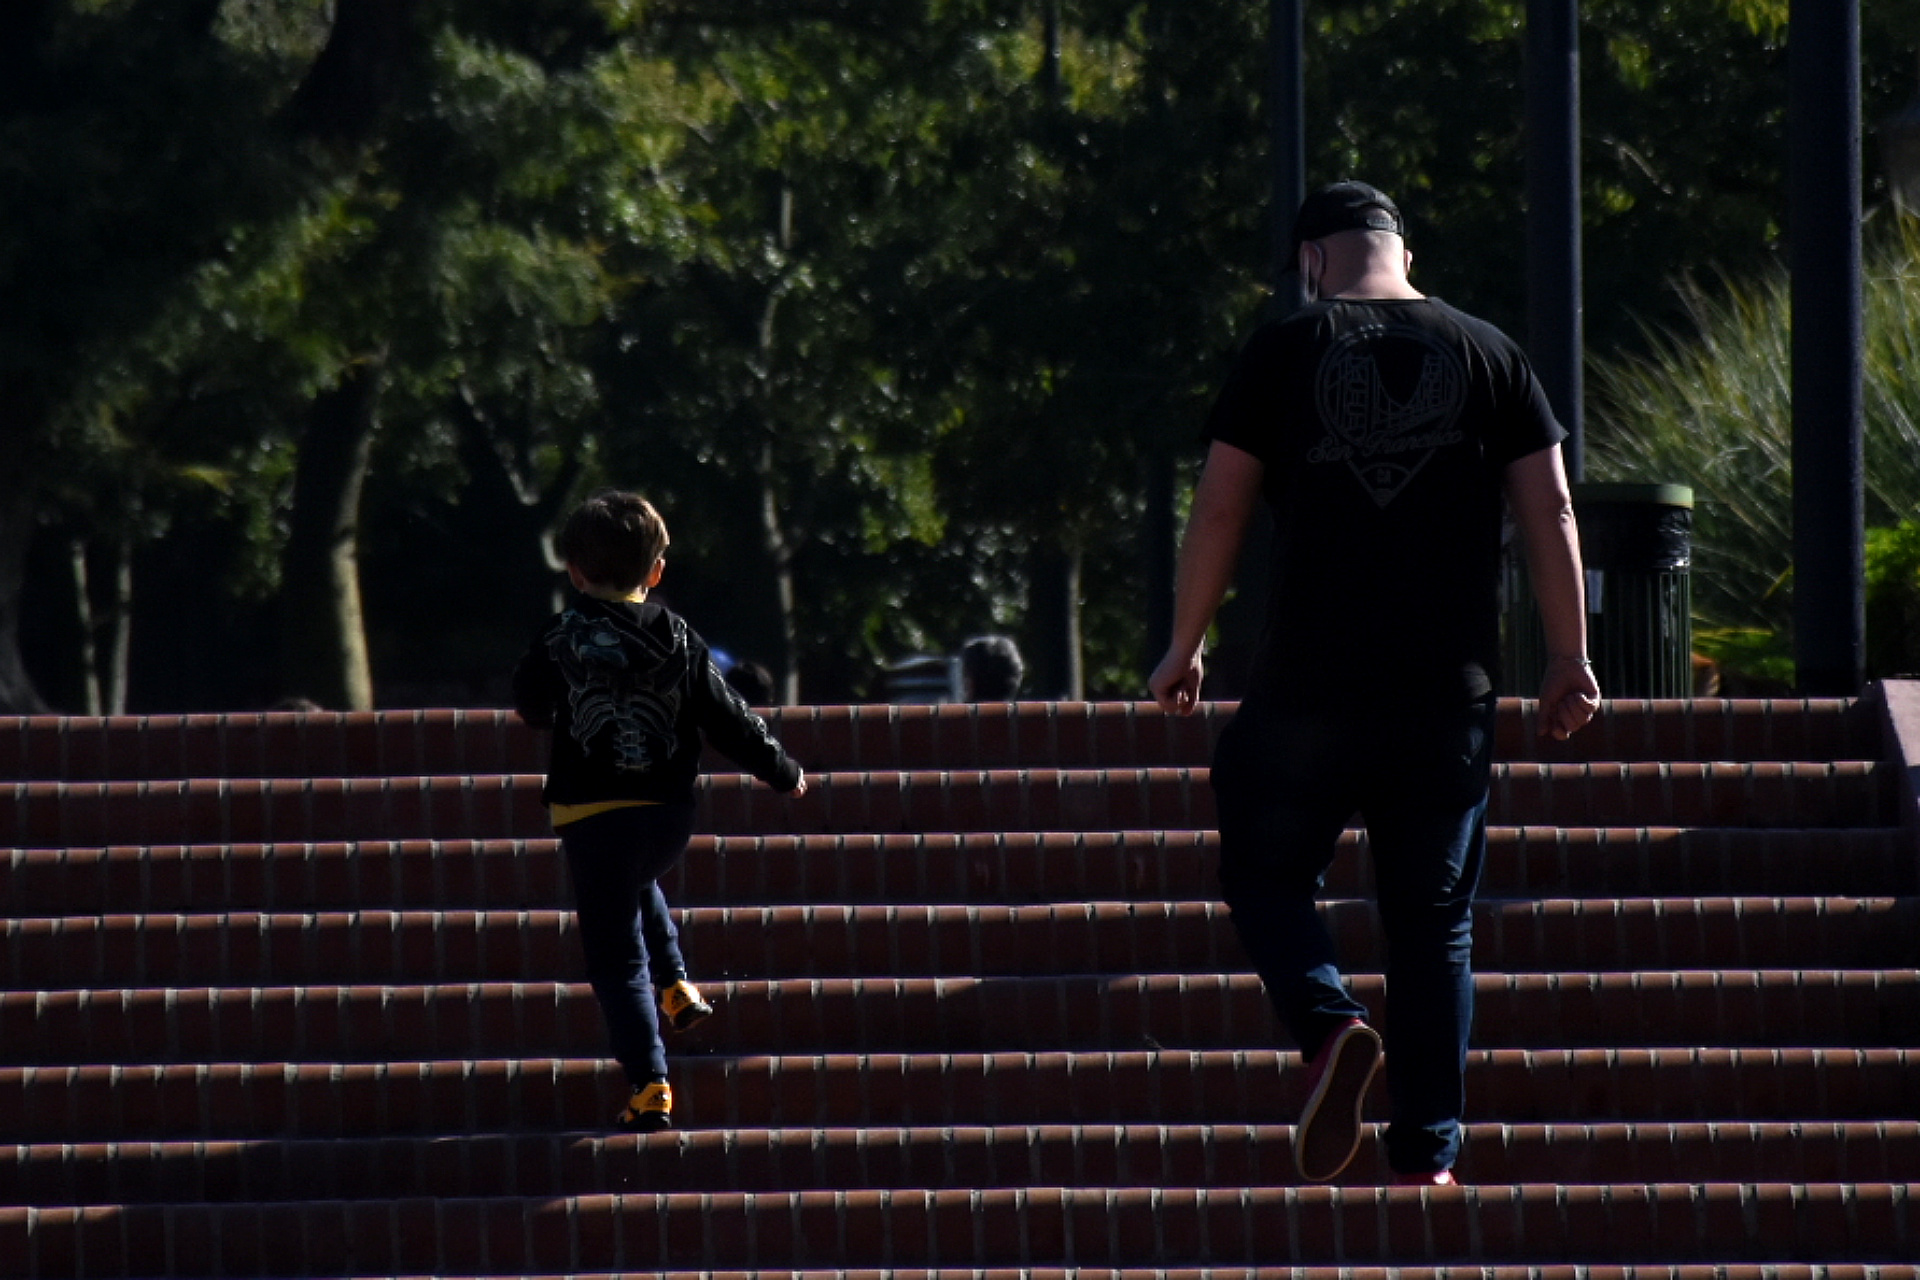 La salidas de los menores dependen del último número de DNI del adulto con el que estén: si el documento termina en par sólo podrán hacerlo los días pares. Si termina en impar, únicamente saldrán los días impares. La medida sólo aplica para los fines de semana